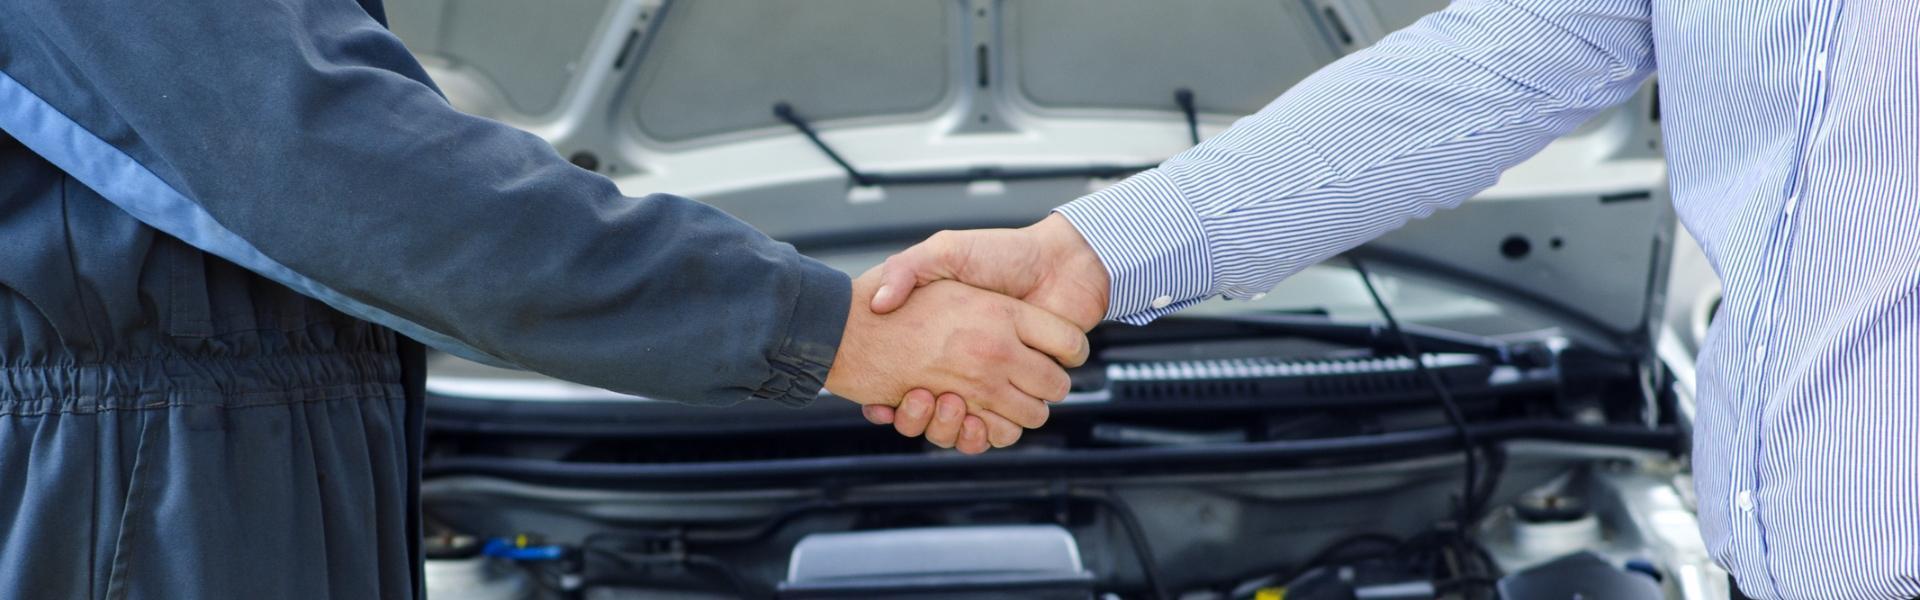 Uścisk dłoni w warsztacie samochodowym